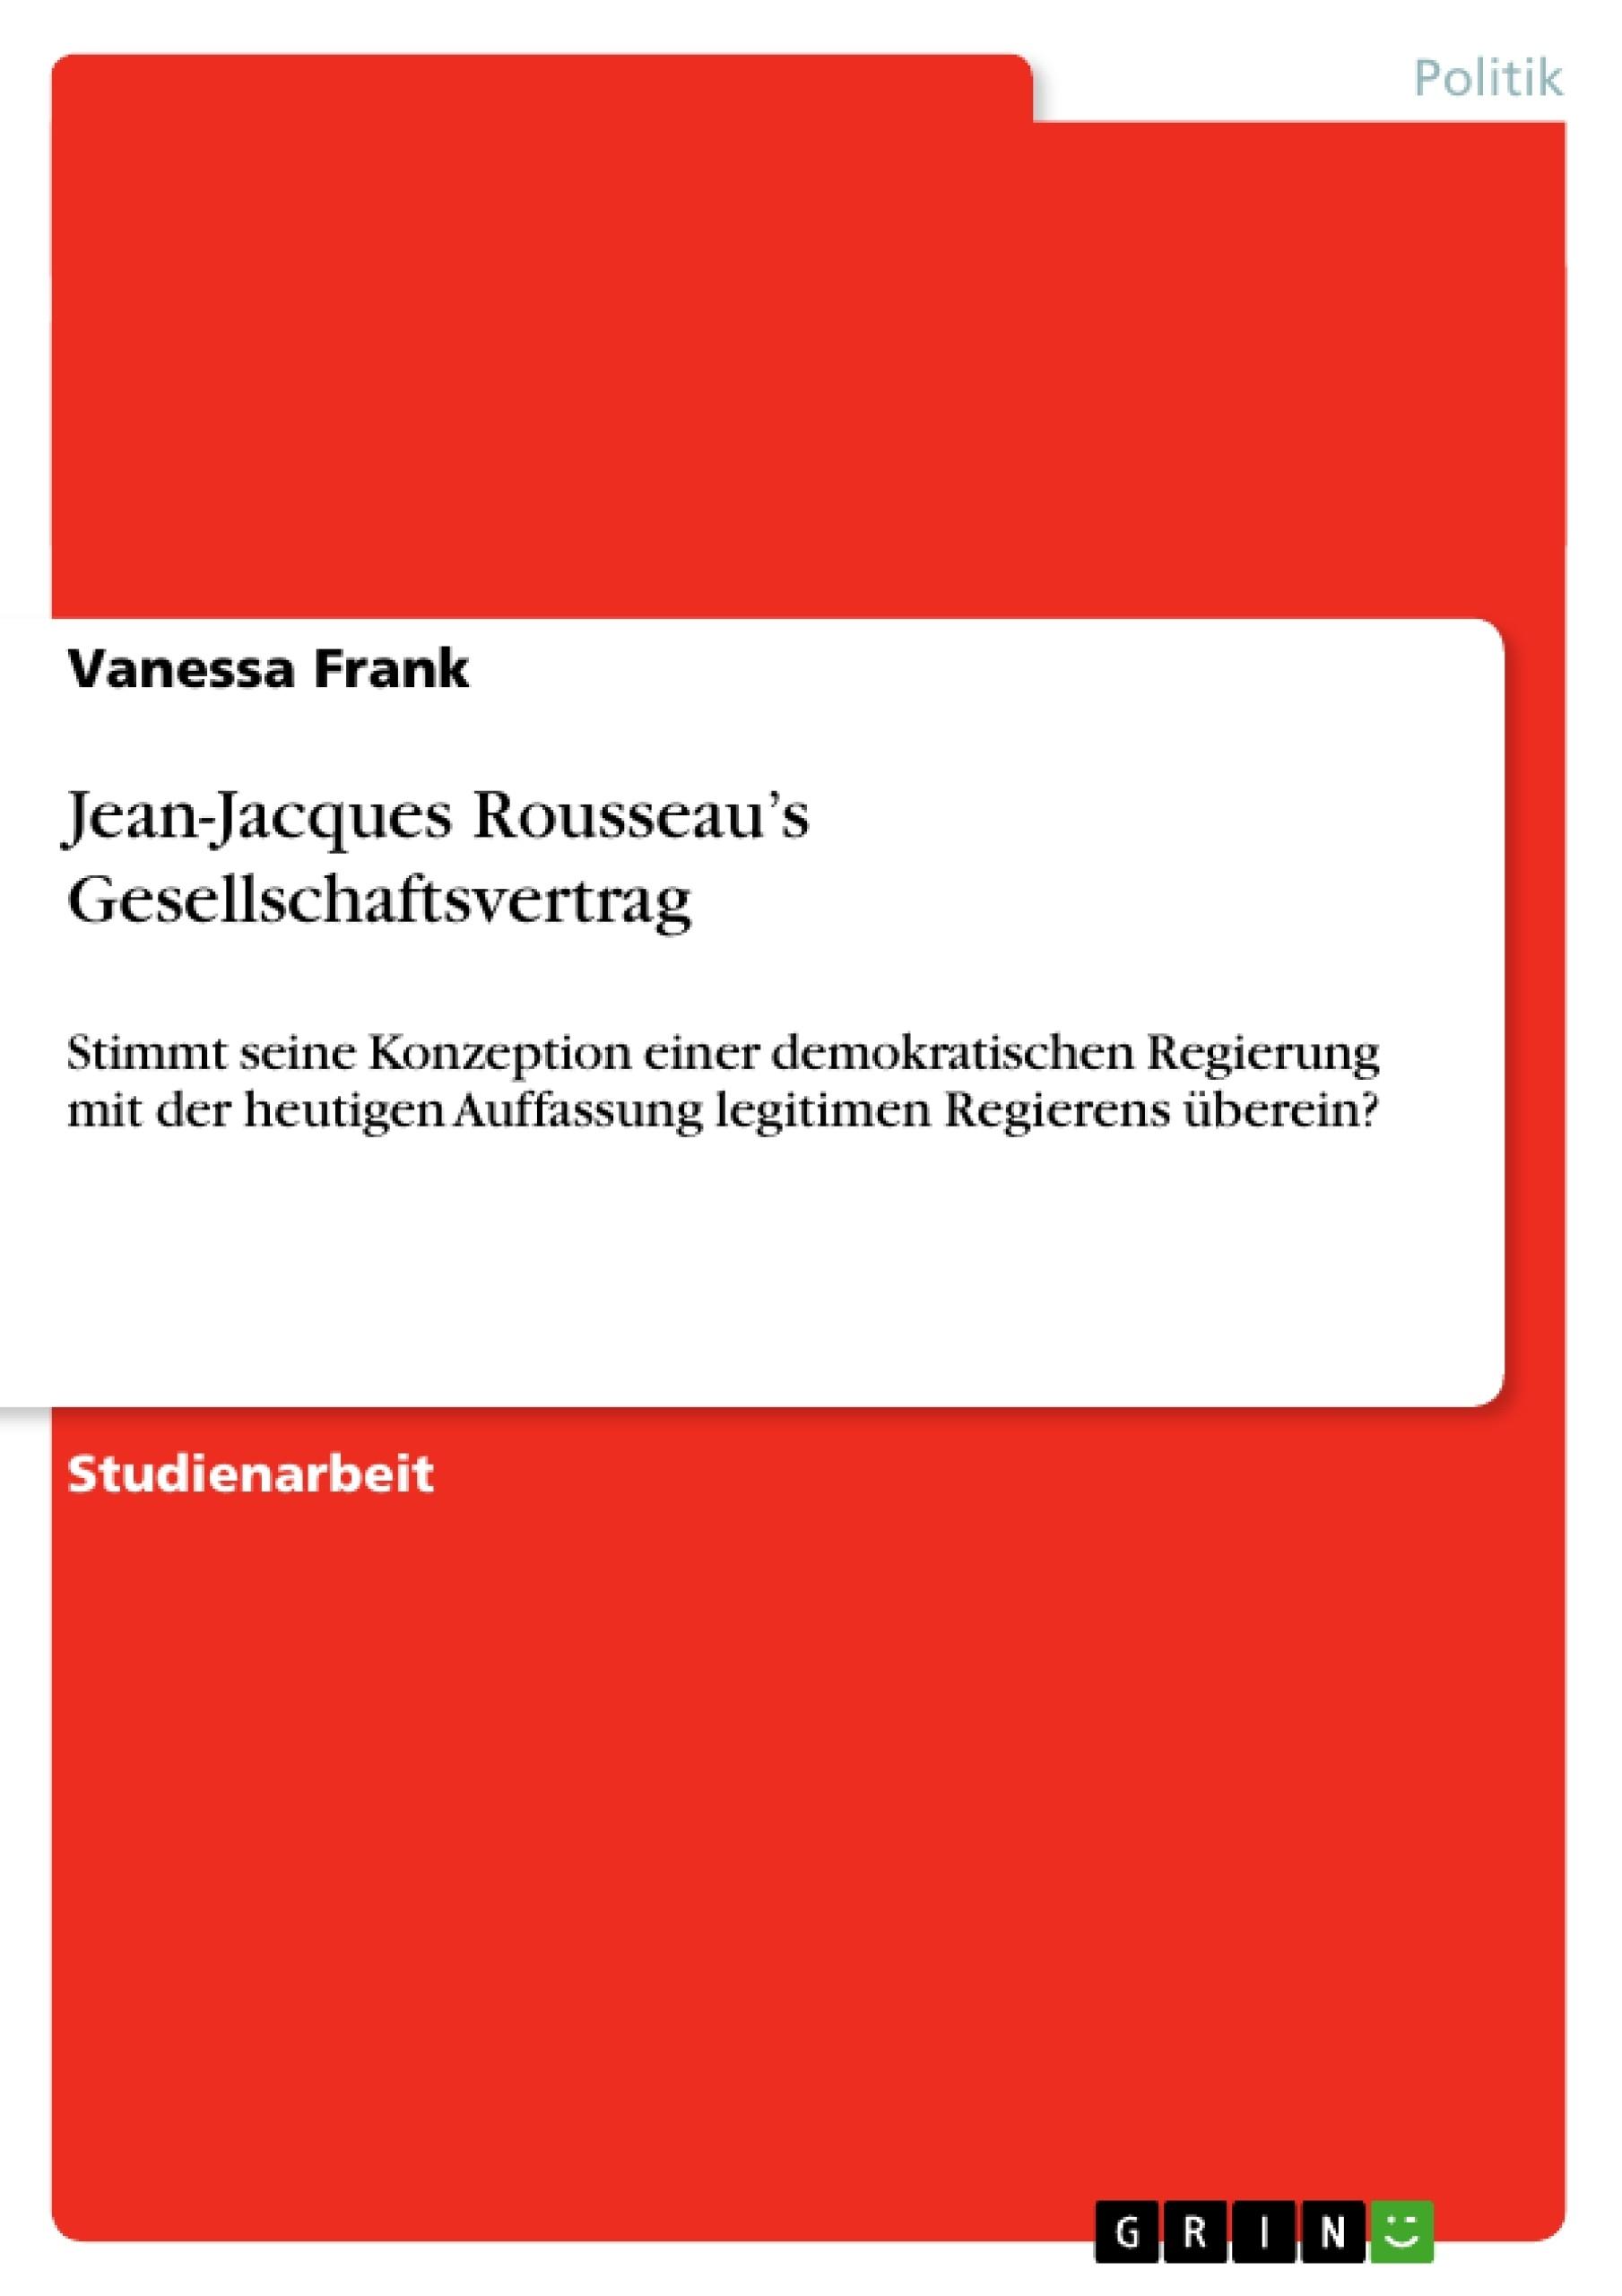 Titel: Jean-Jacques Rousseau's Gesellschaftsvertrag